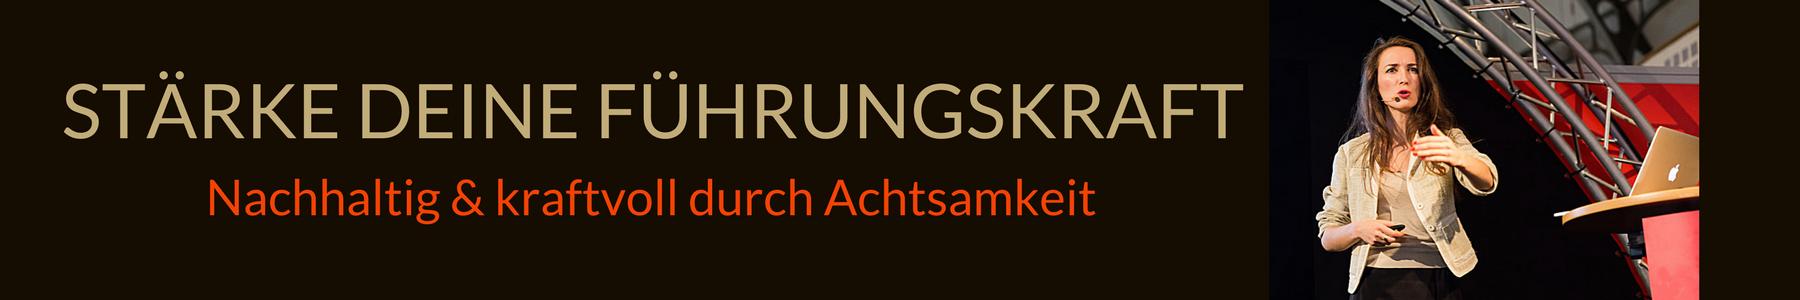 Deutscher Banner